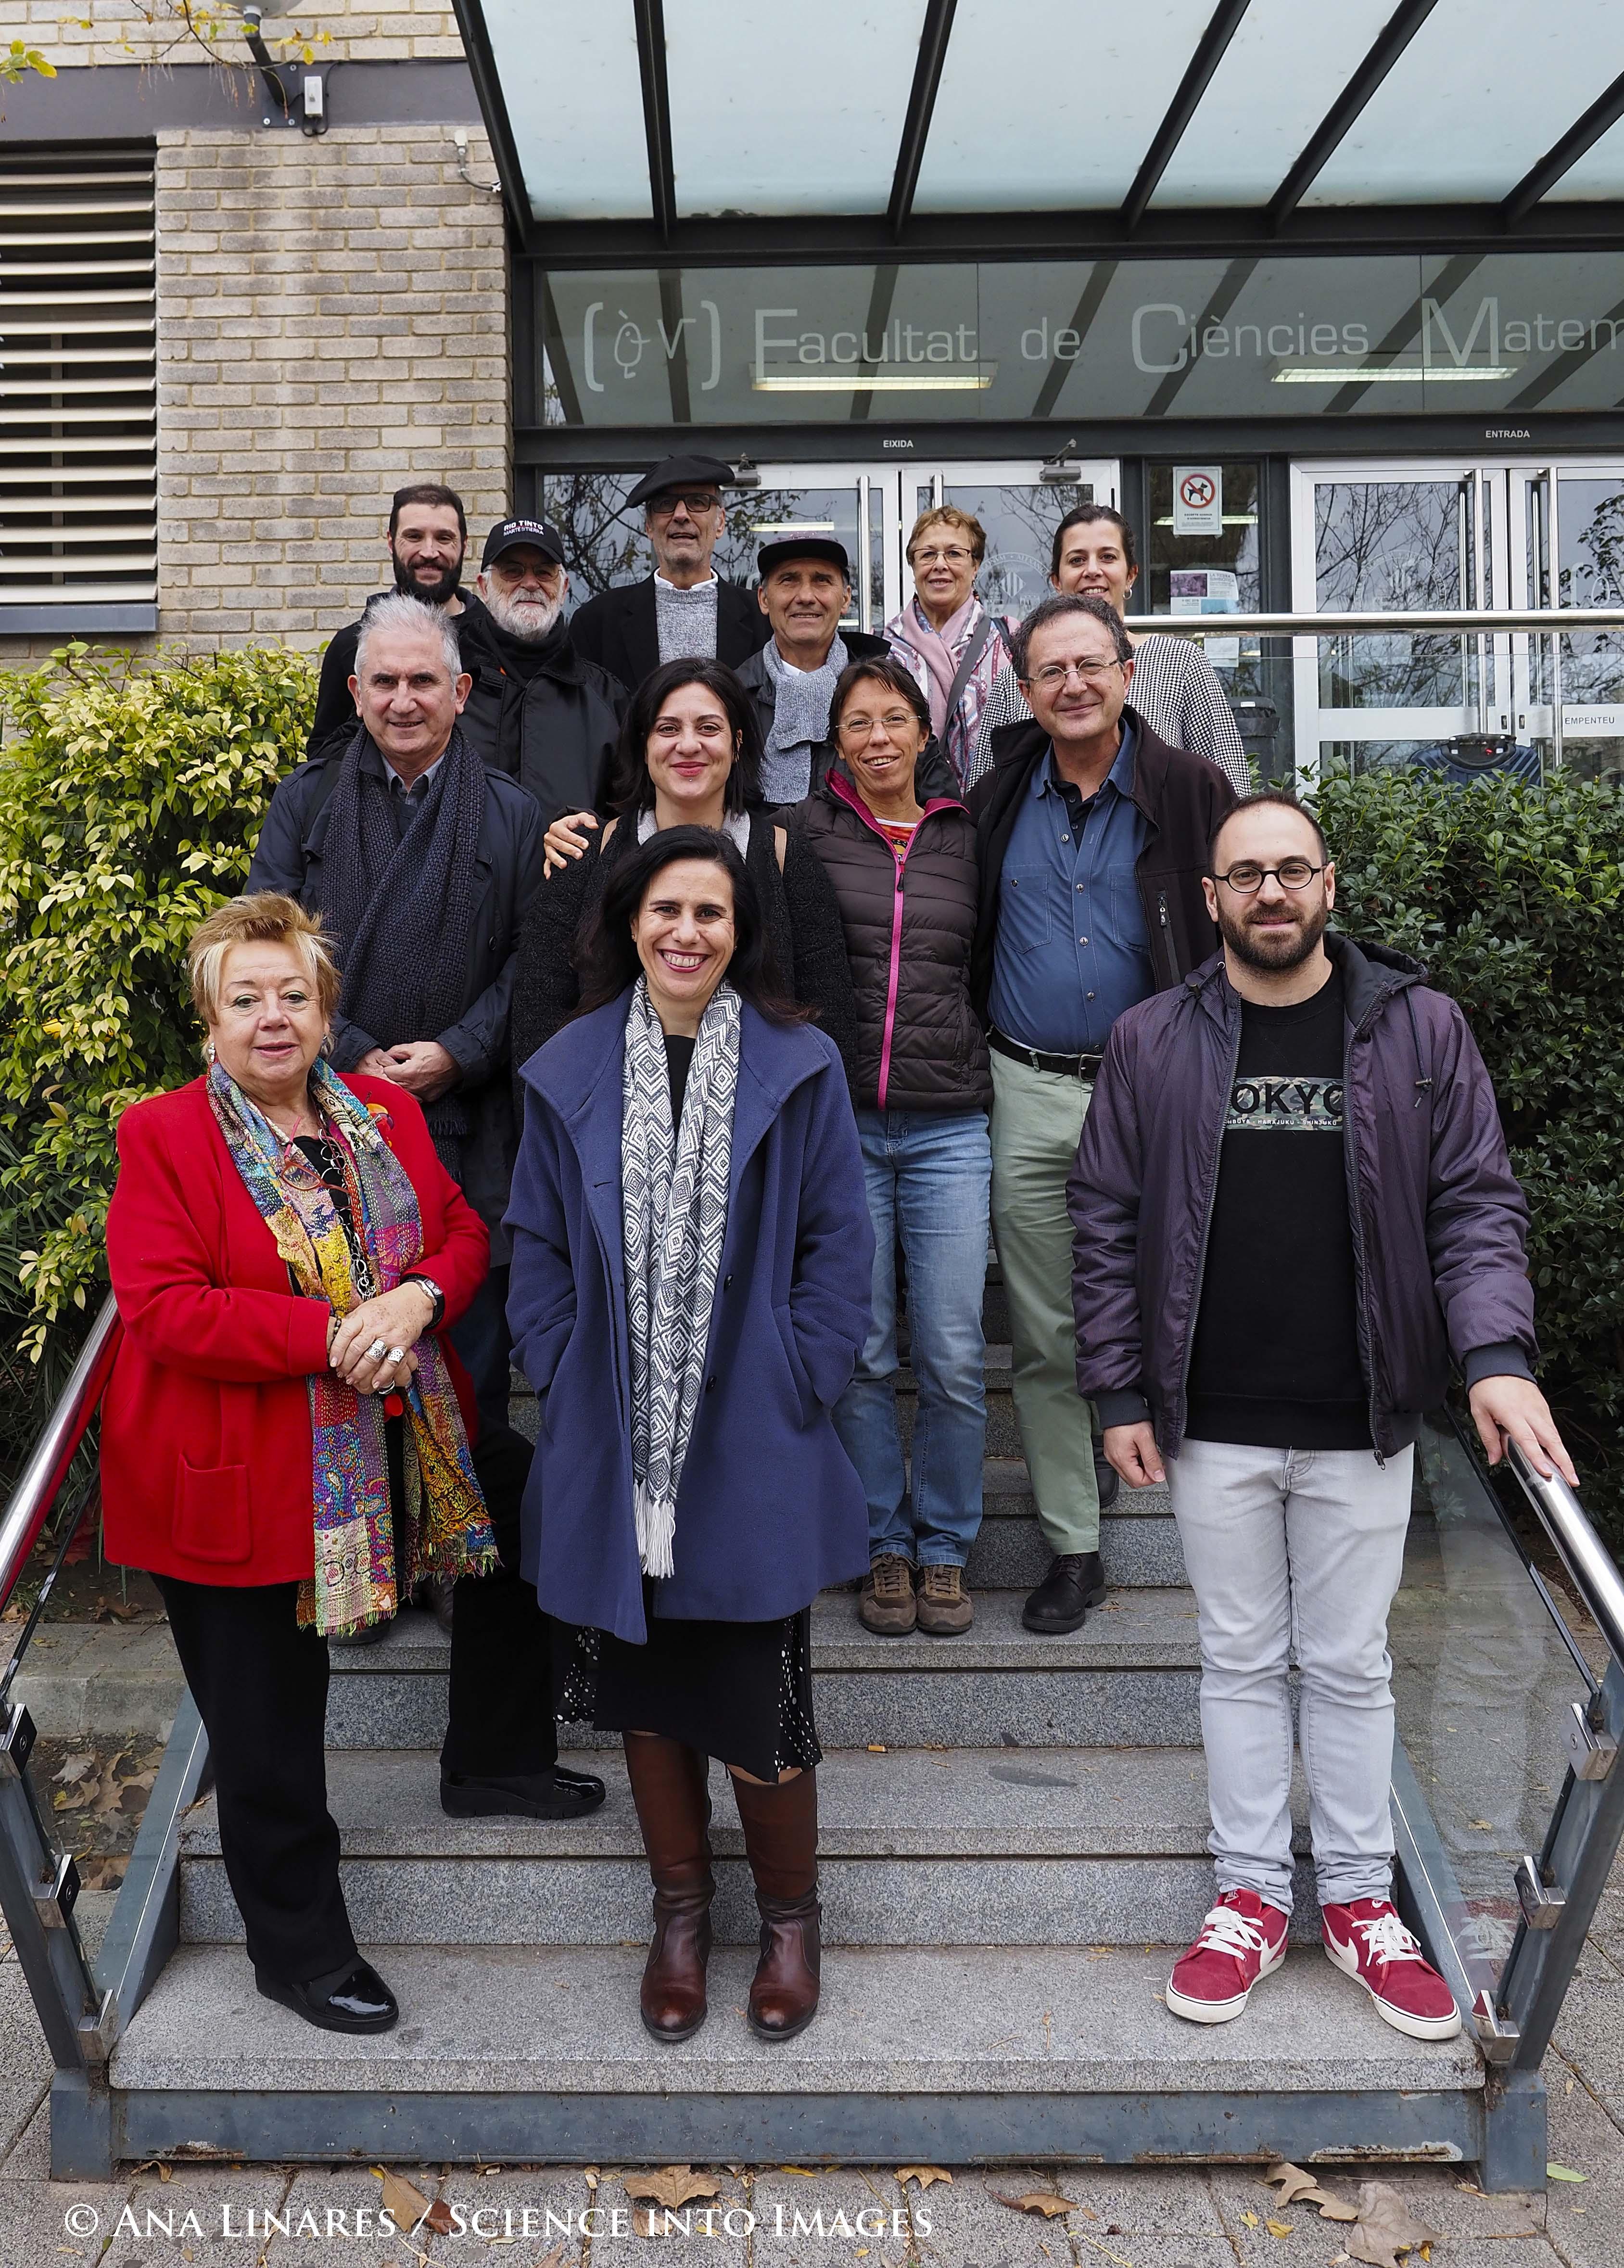 Grupo Simbiosis Diciembre 2019.jpg